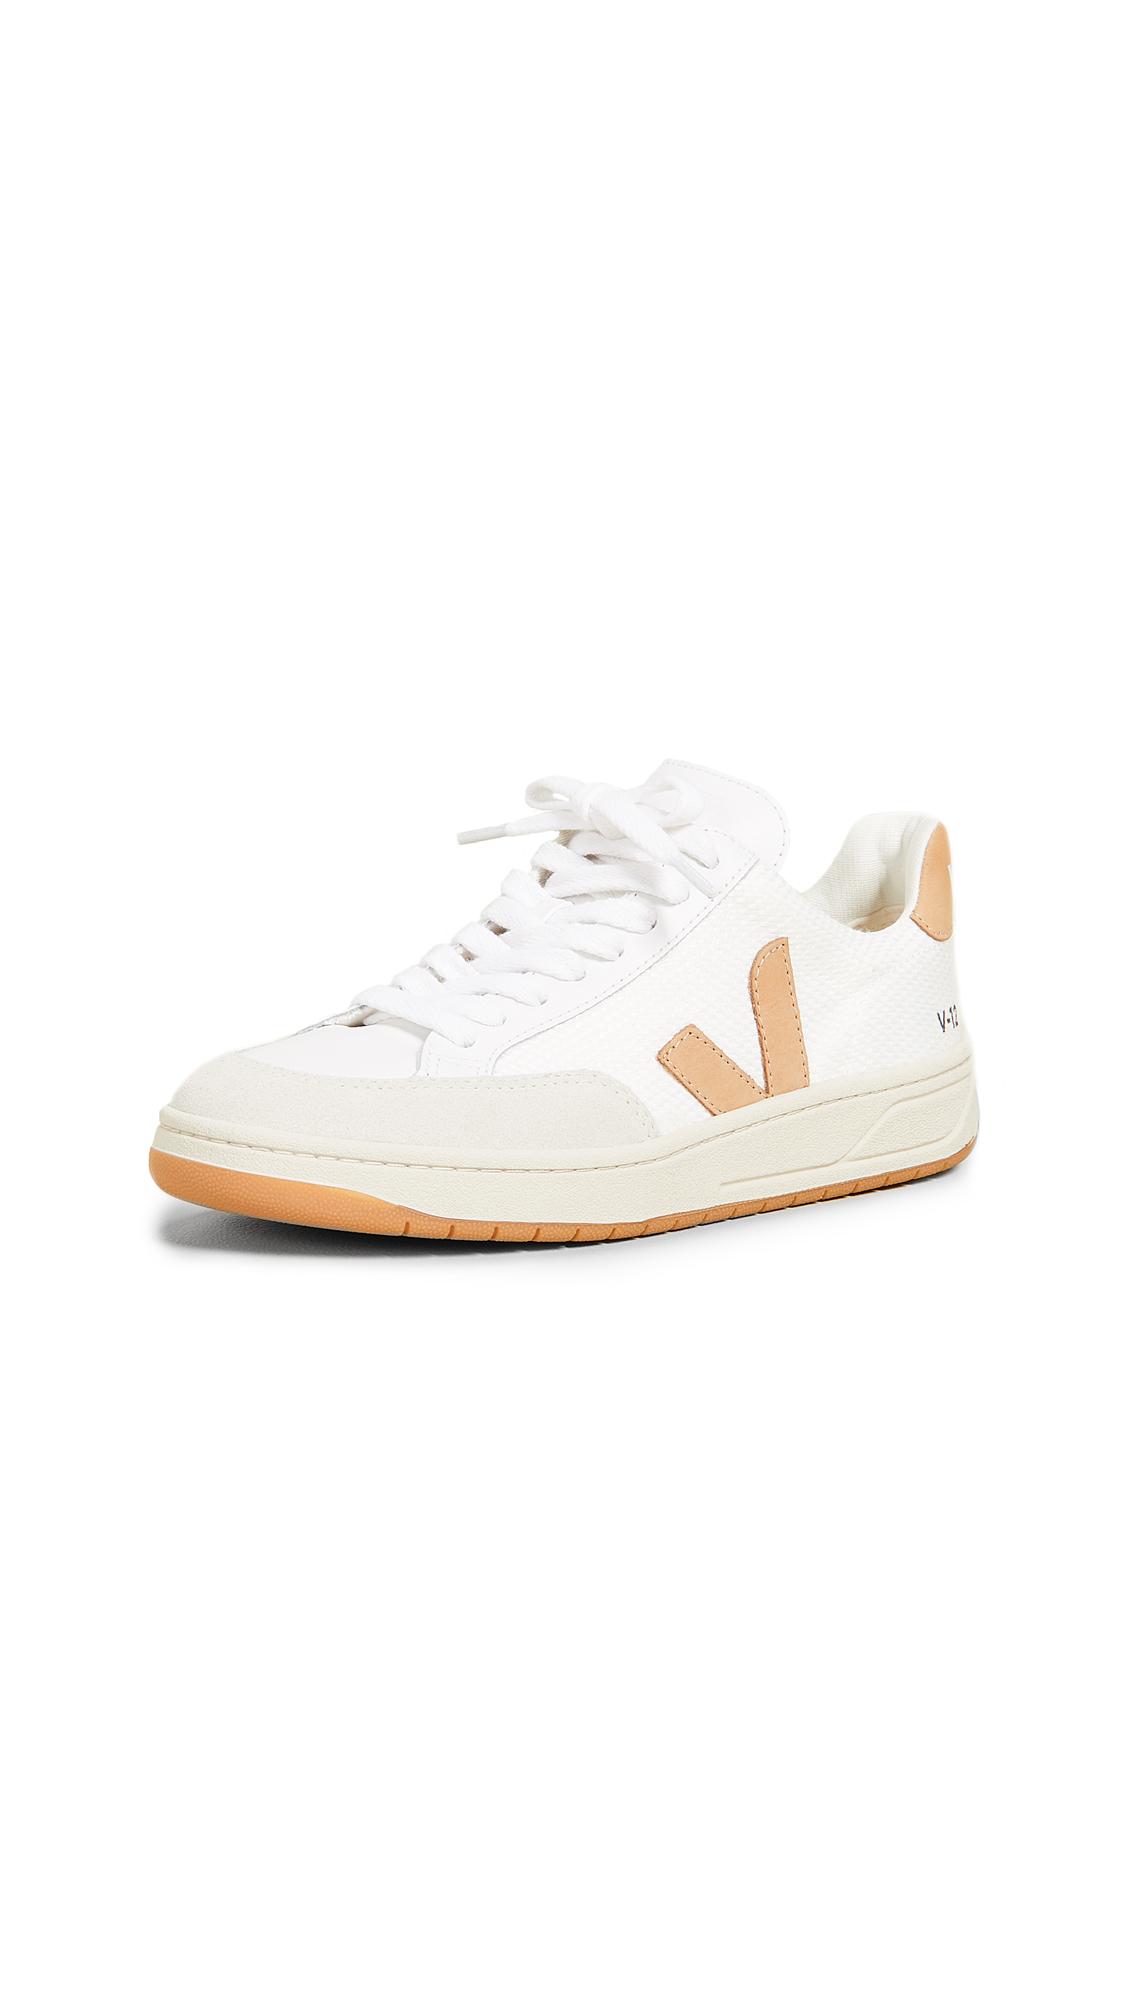 Veja V-12 Sneakers - White/Desert